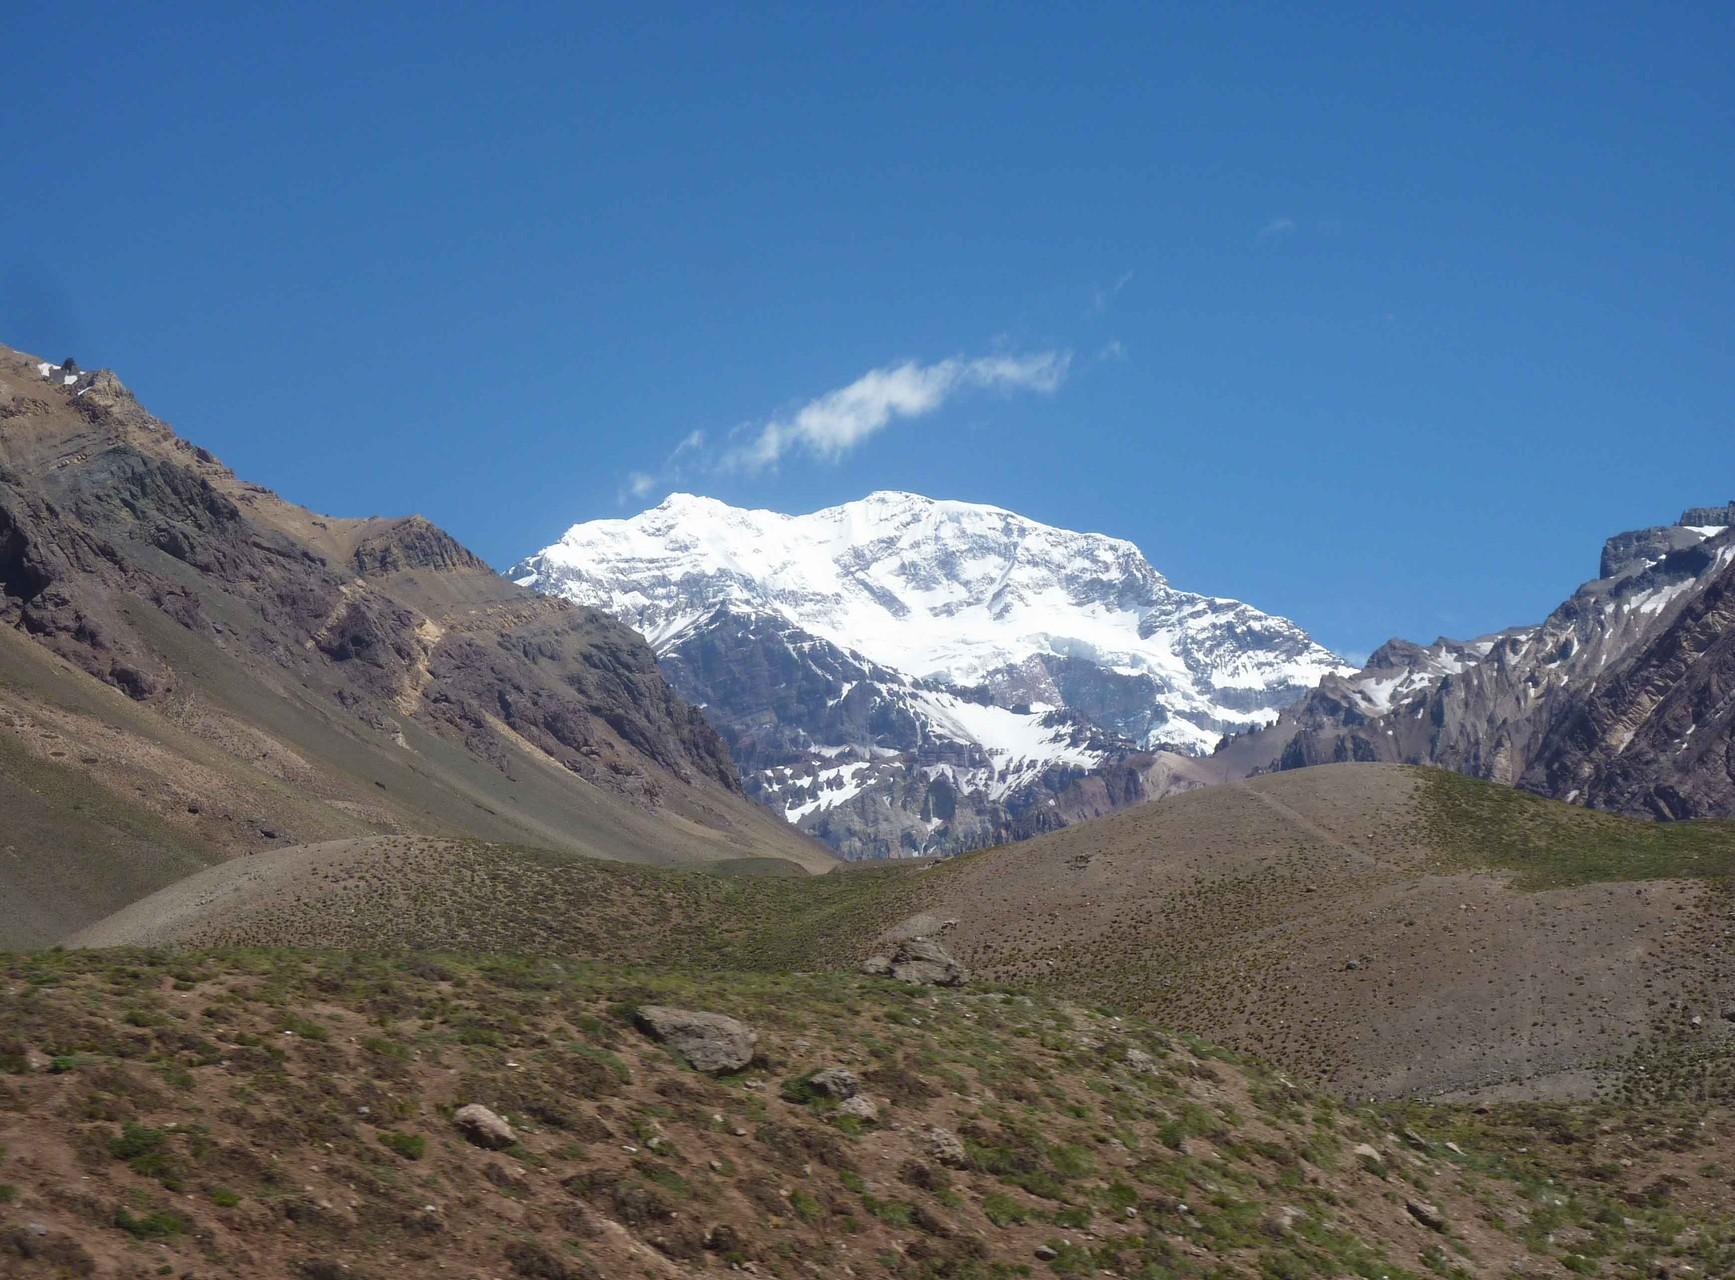 Au passage, vue sur la face sud de l'Aconcagua (6962 m) point culminant de l'Amérique du sud